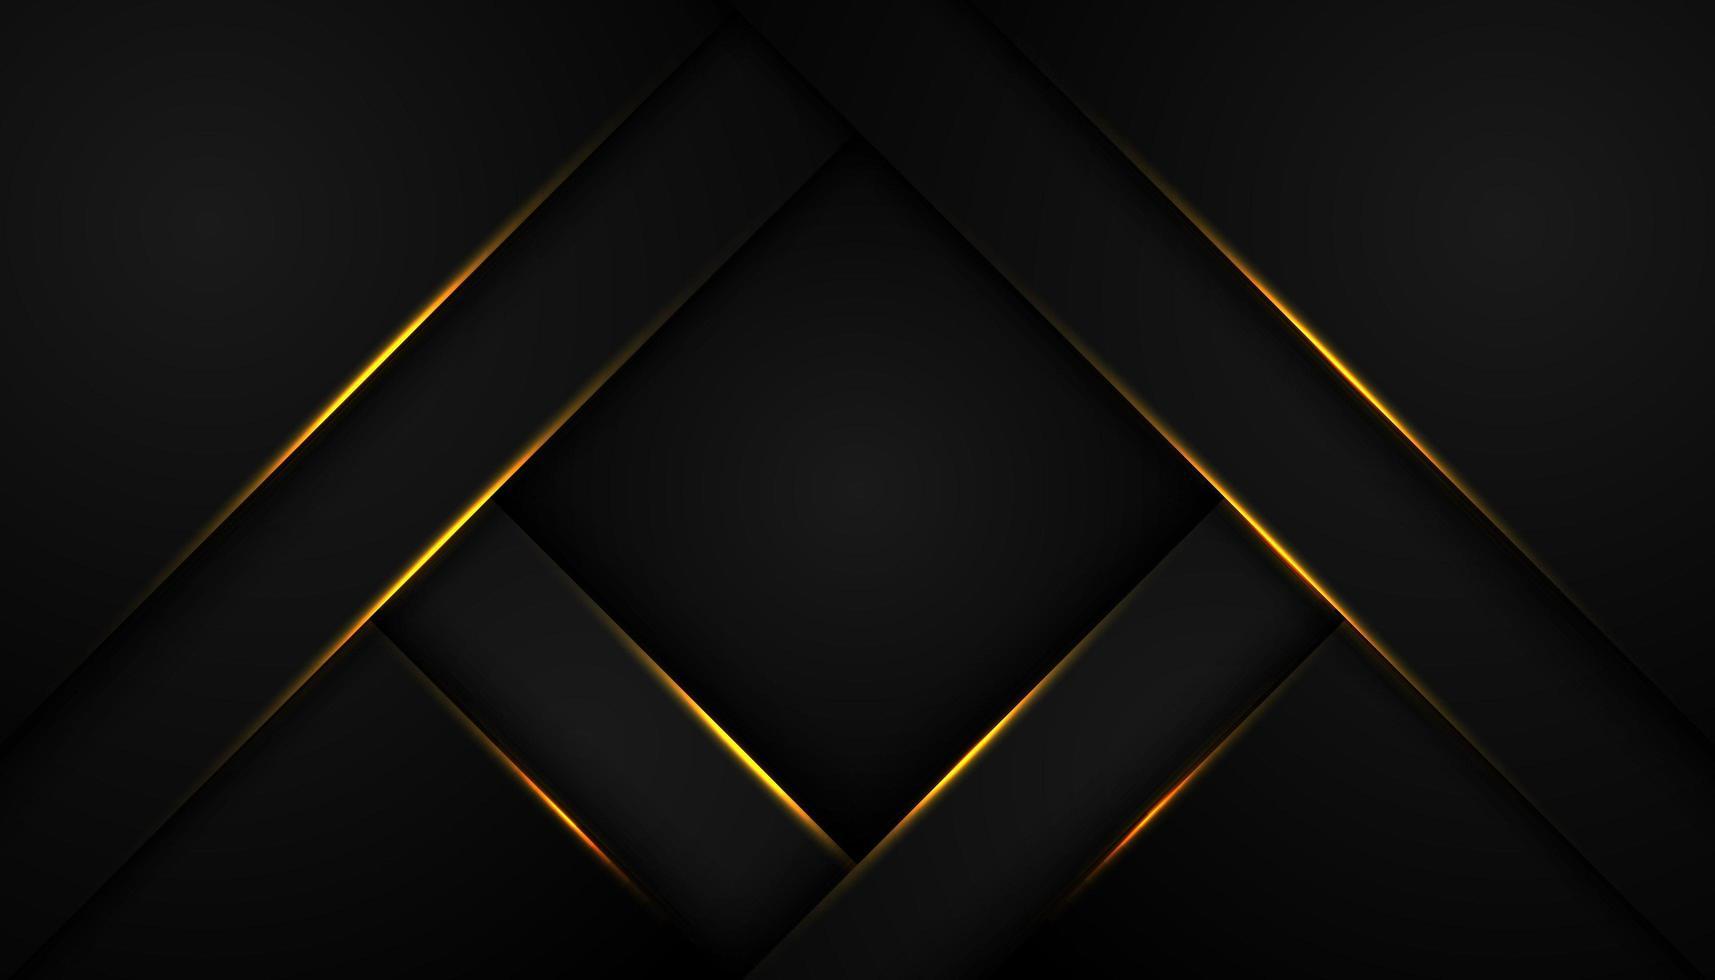 Fondo abstracto negro con capas en forma de diamante vector